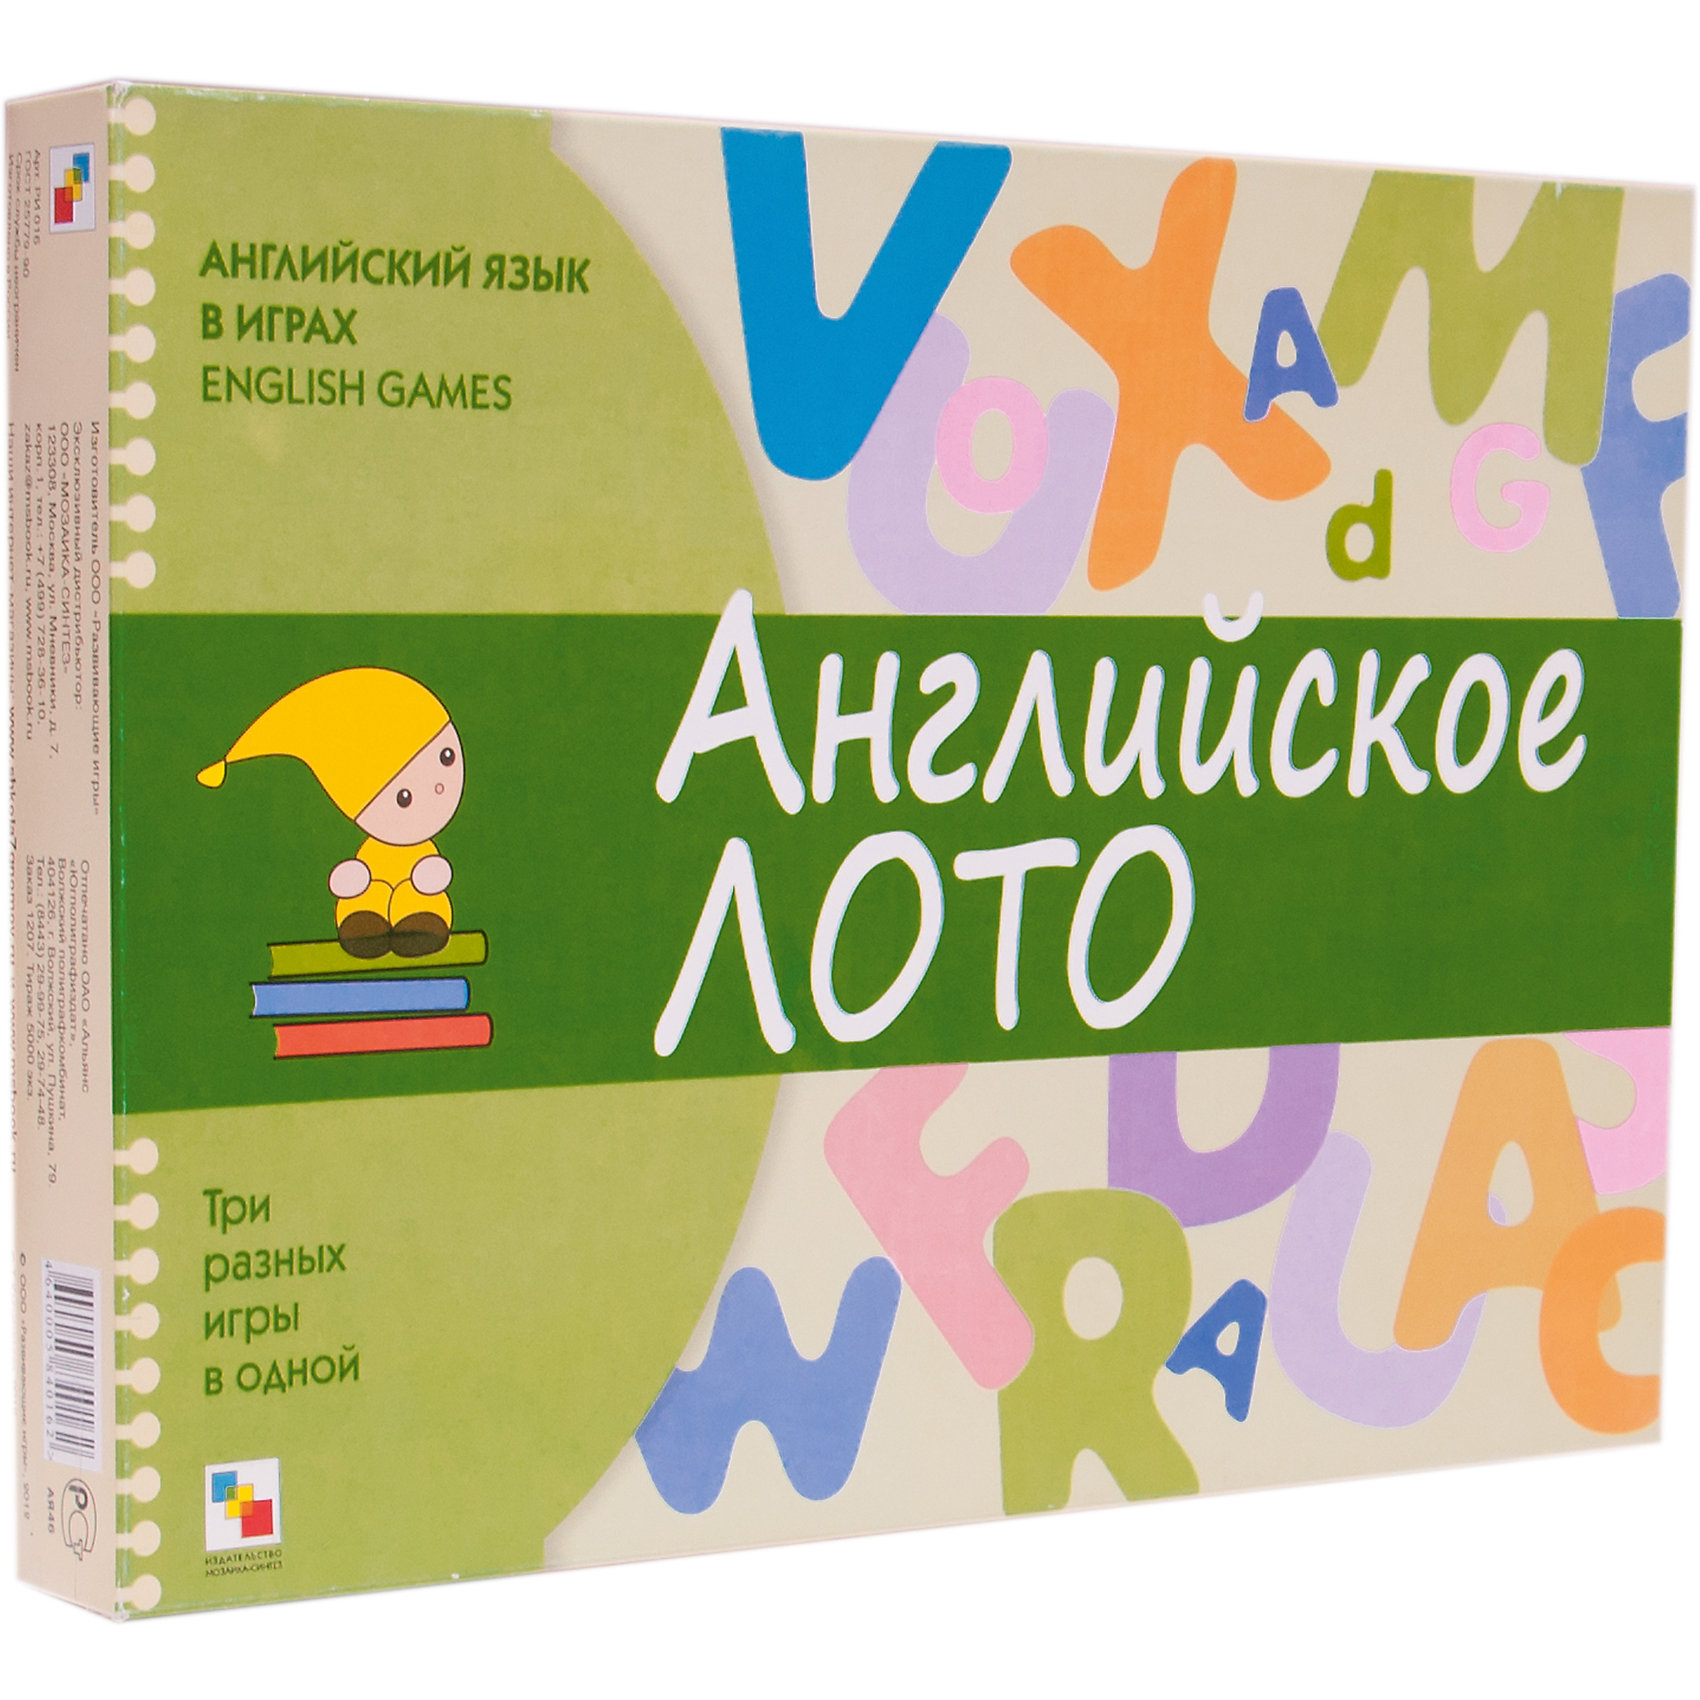 """Карточки """"Английский язык в играх: английское лото"""", Школа семи гномов от myToys"""